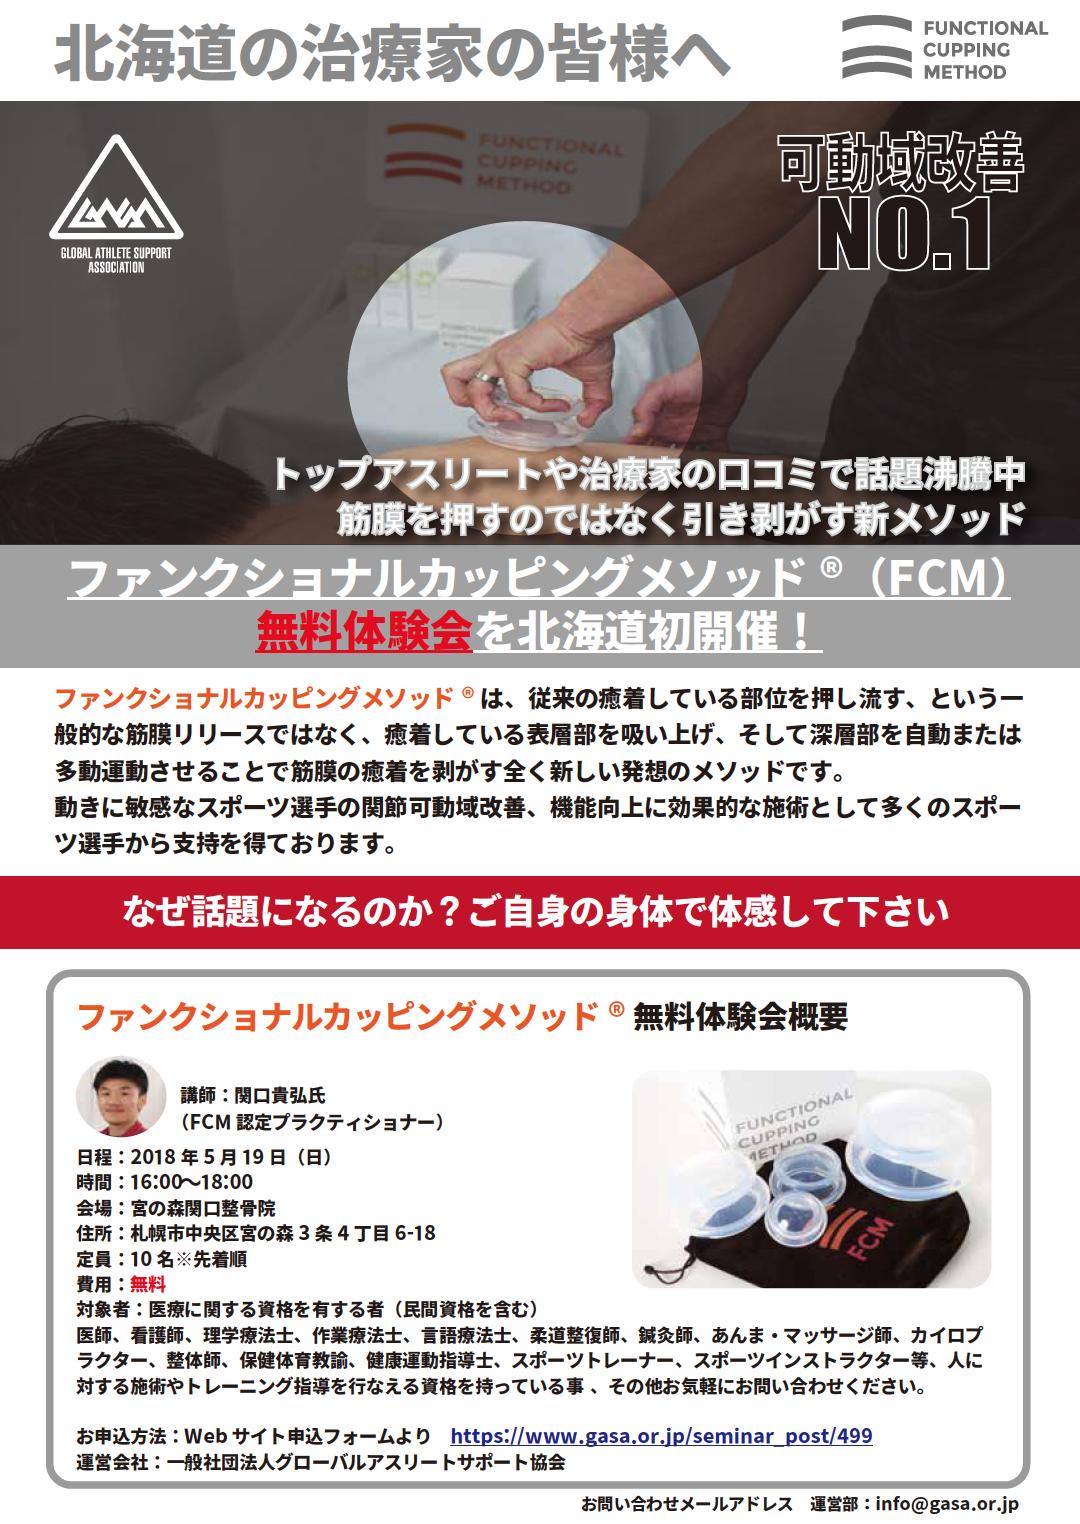 【無料】18/05/19(土)@北海道FCM体験会|セミナー画像gasa.or.jp